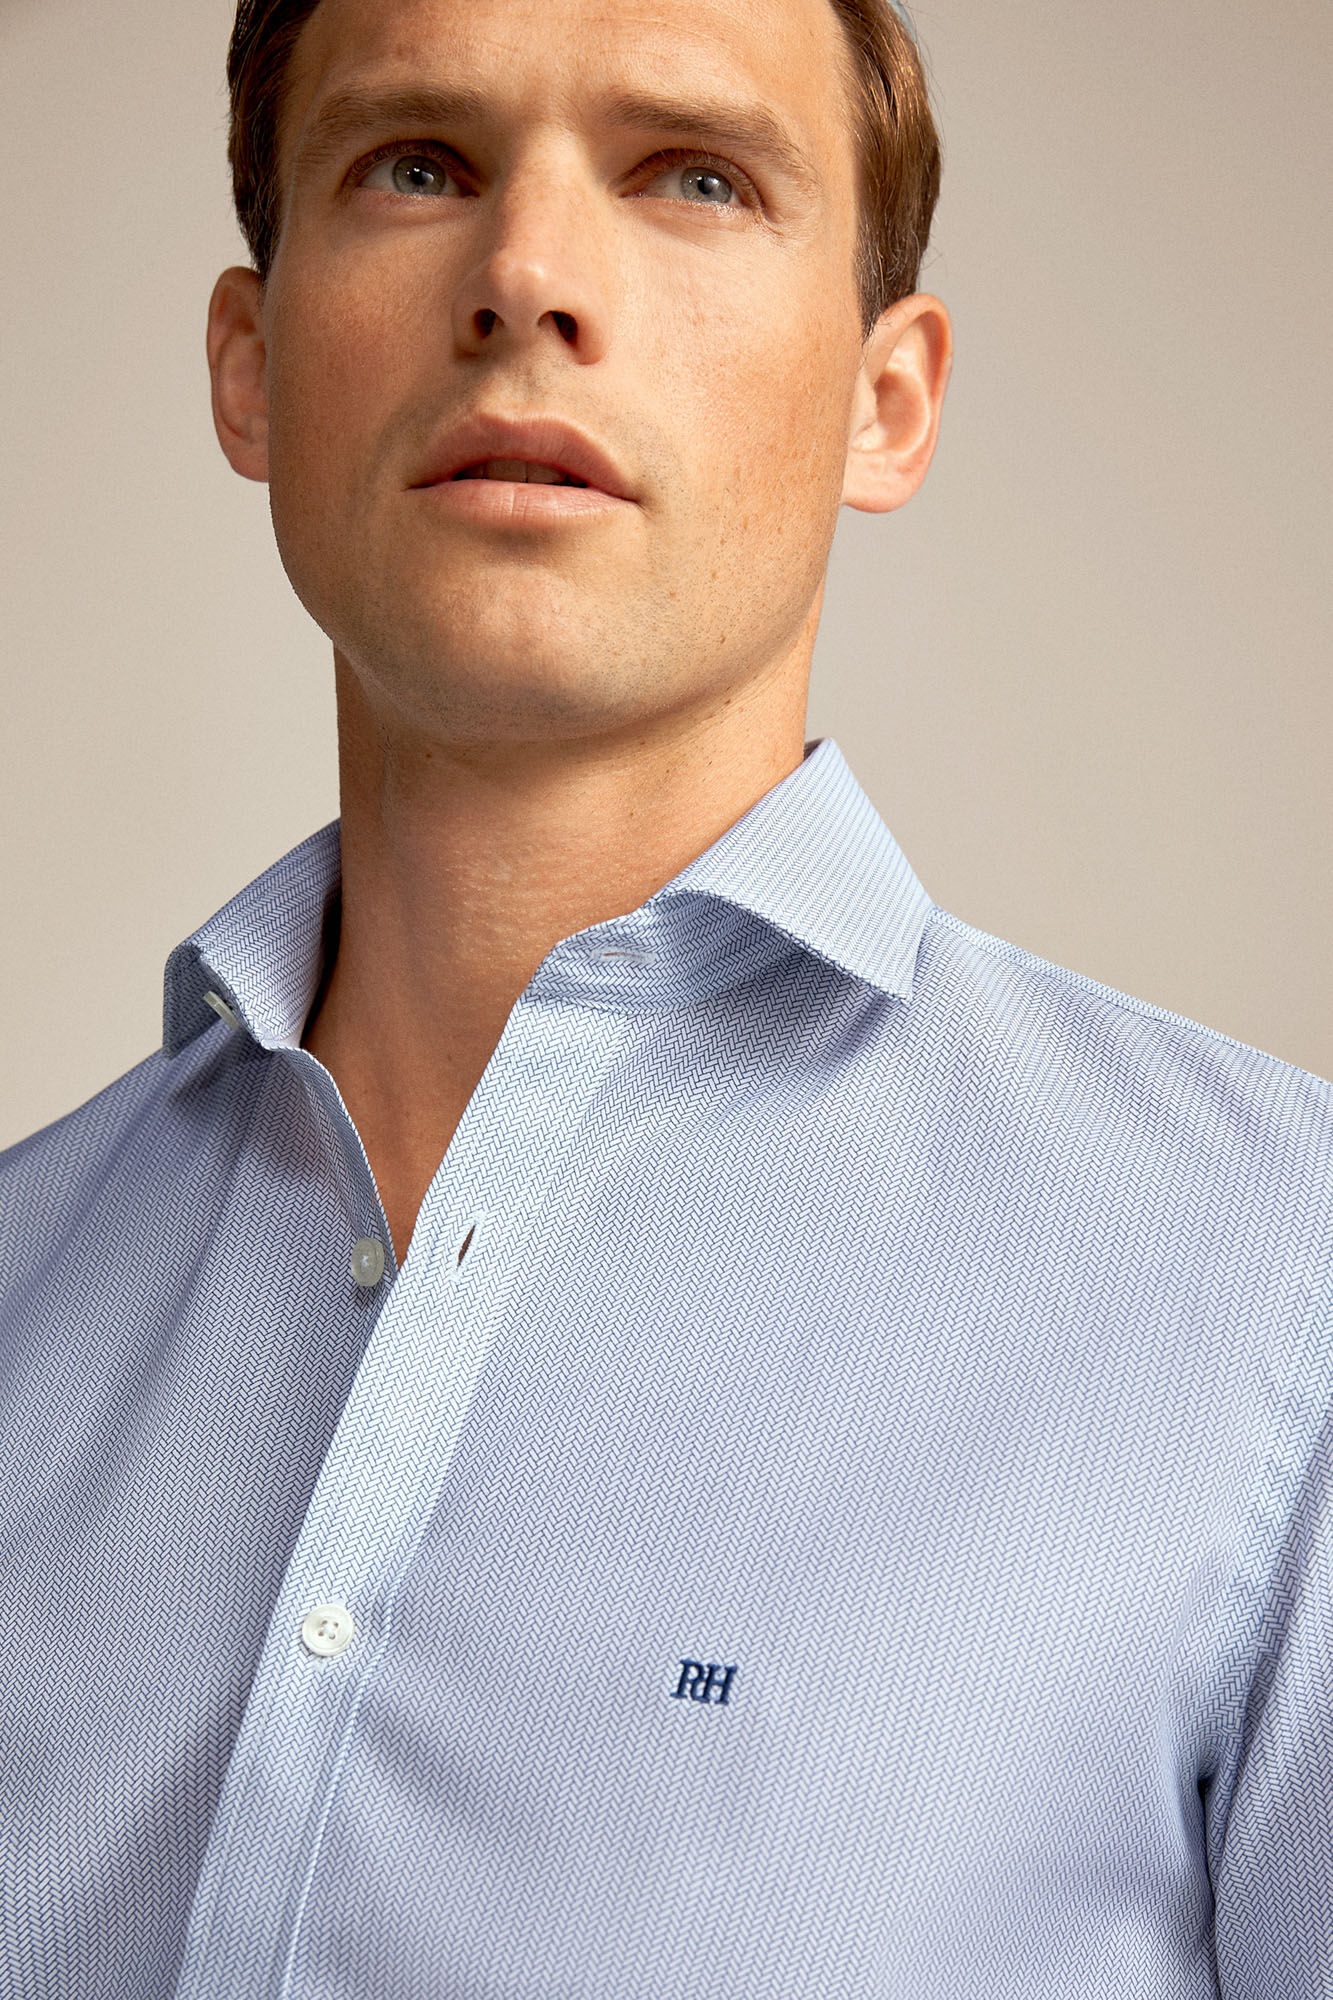 Camisa denim | Promoções | Pedro del Hierro